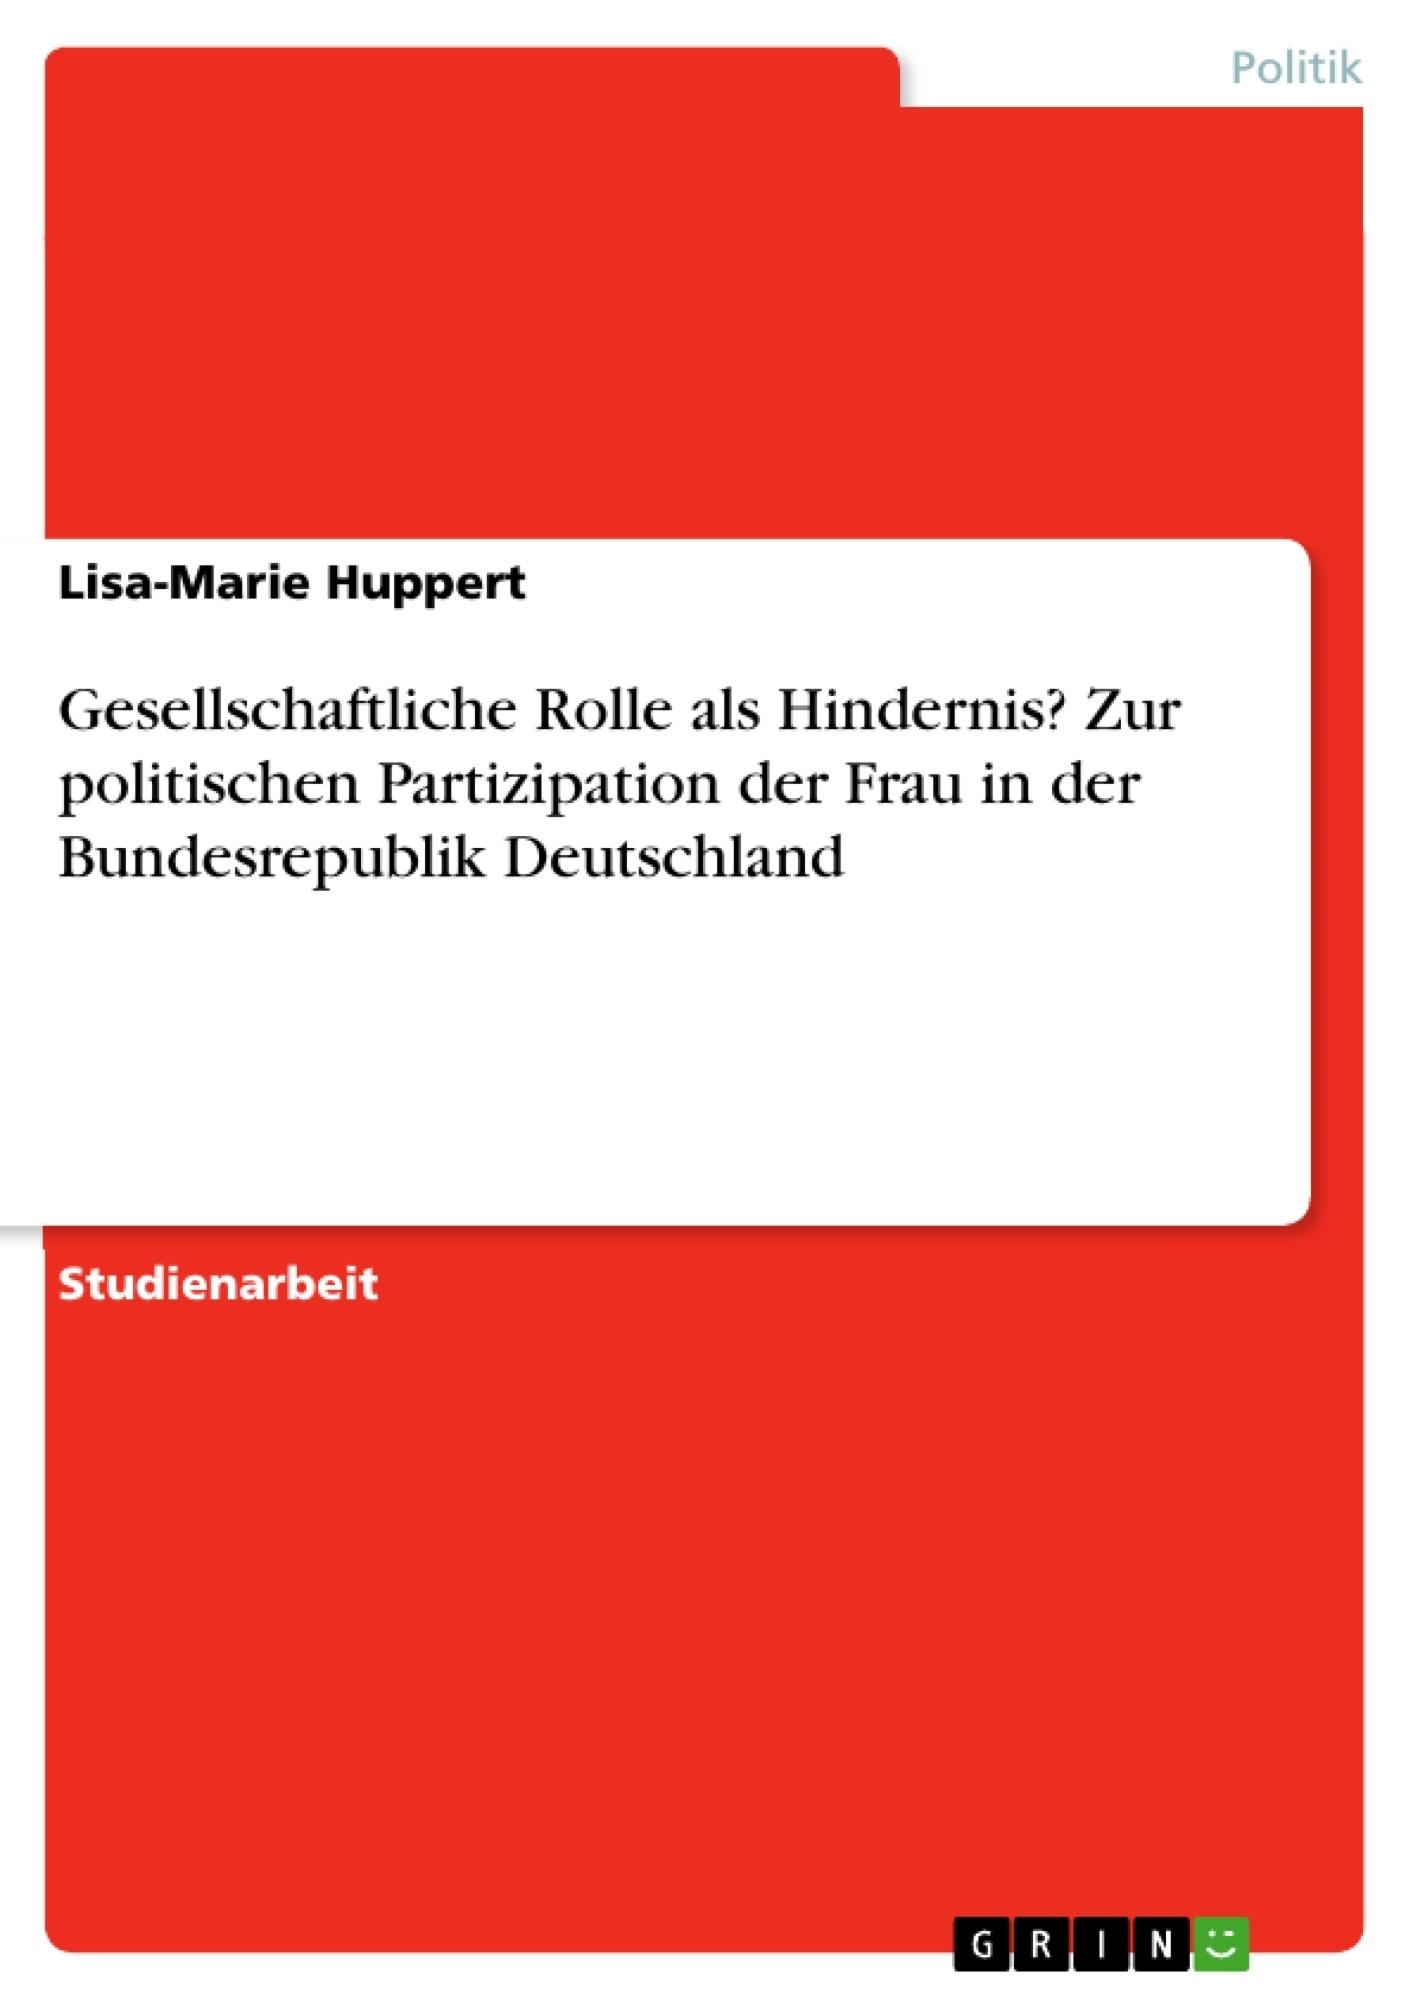 Titel: Gesellschaftliche Rolle als Hindernis? Zur politischen Partizipation der Frau in der Bundesrepublik Deutschland